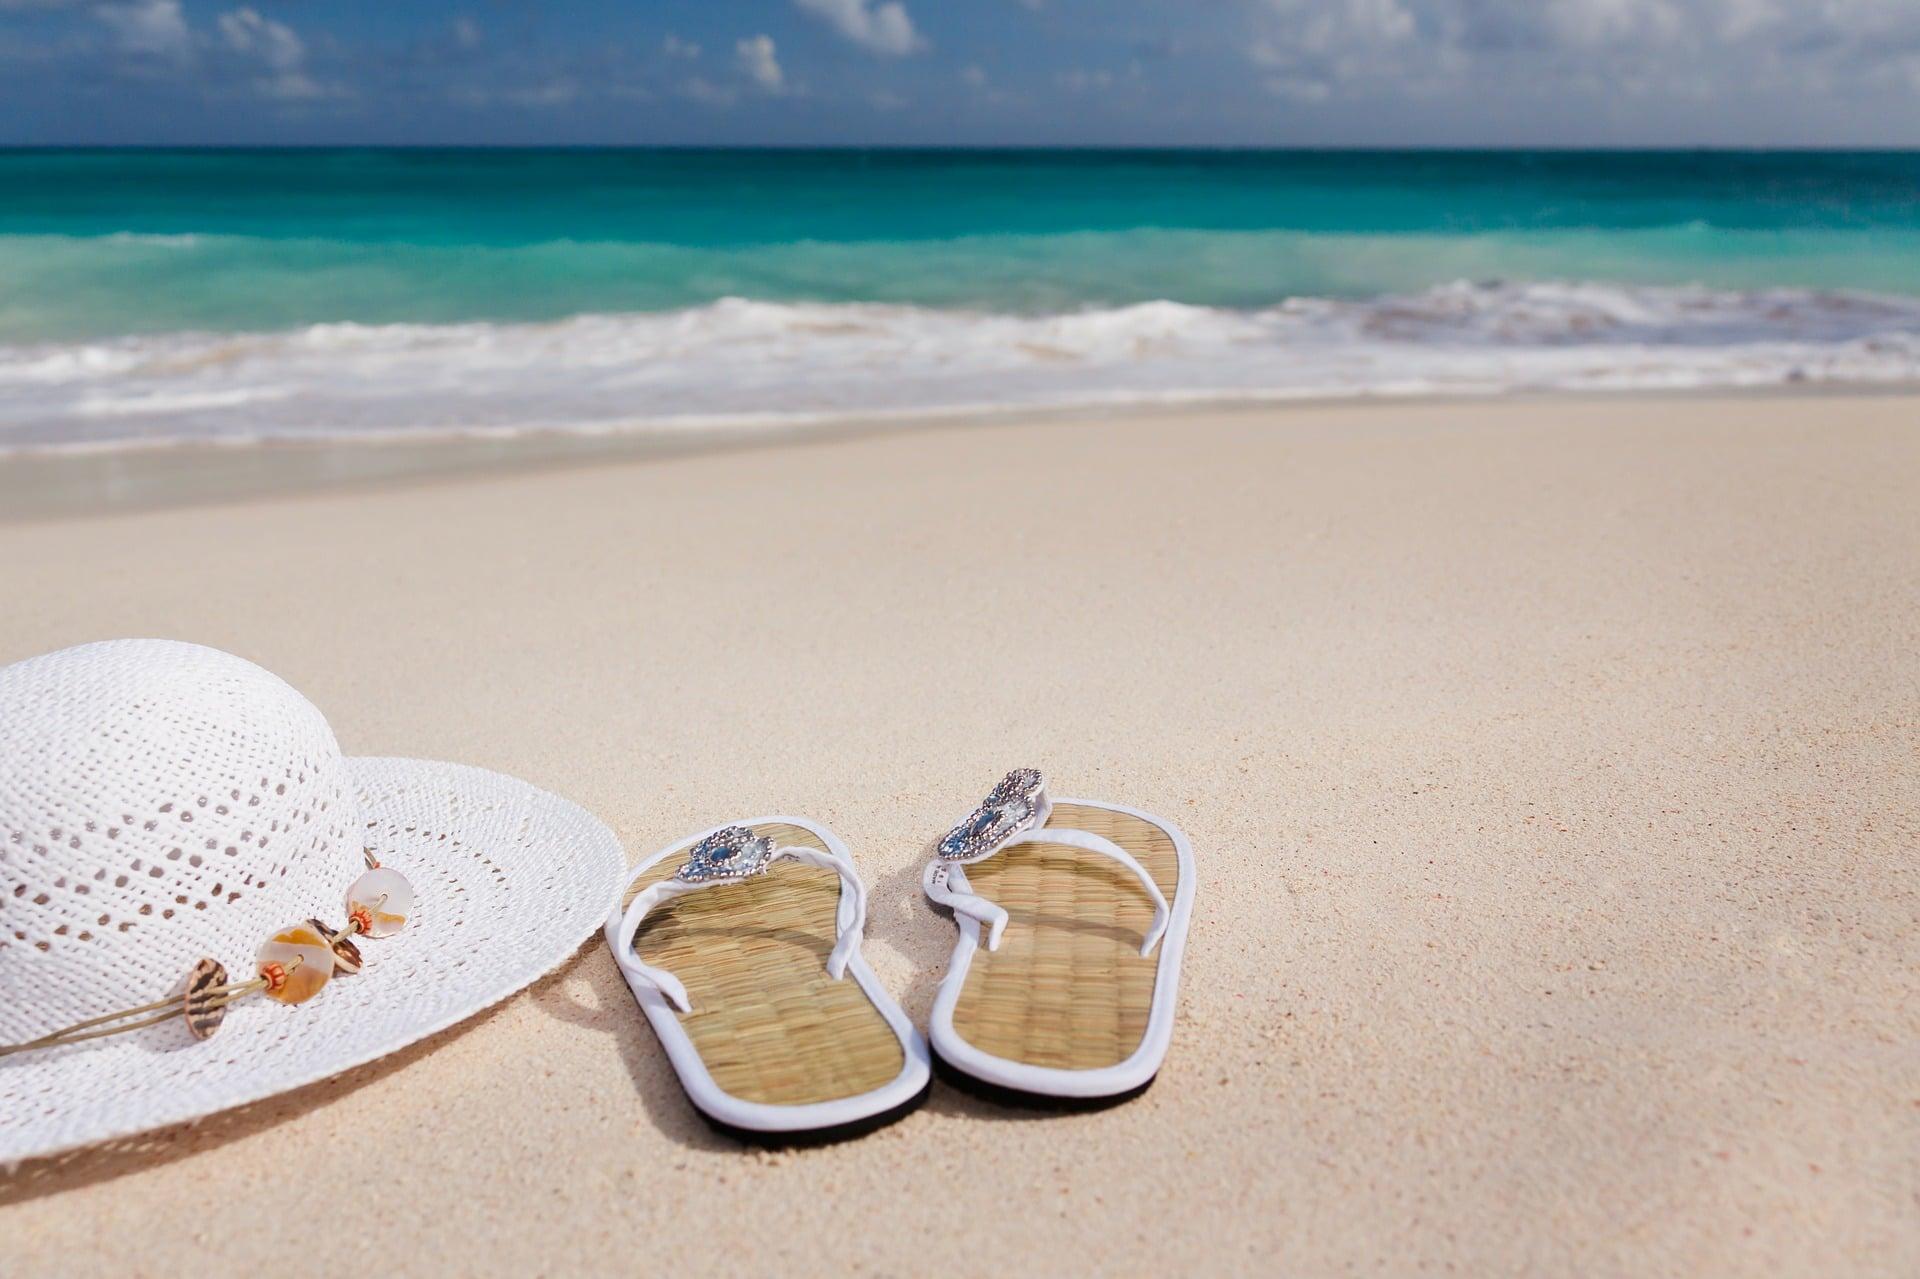 vegan Schuhe am Strand mit Sonnenhut